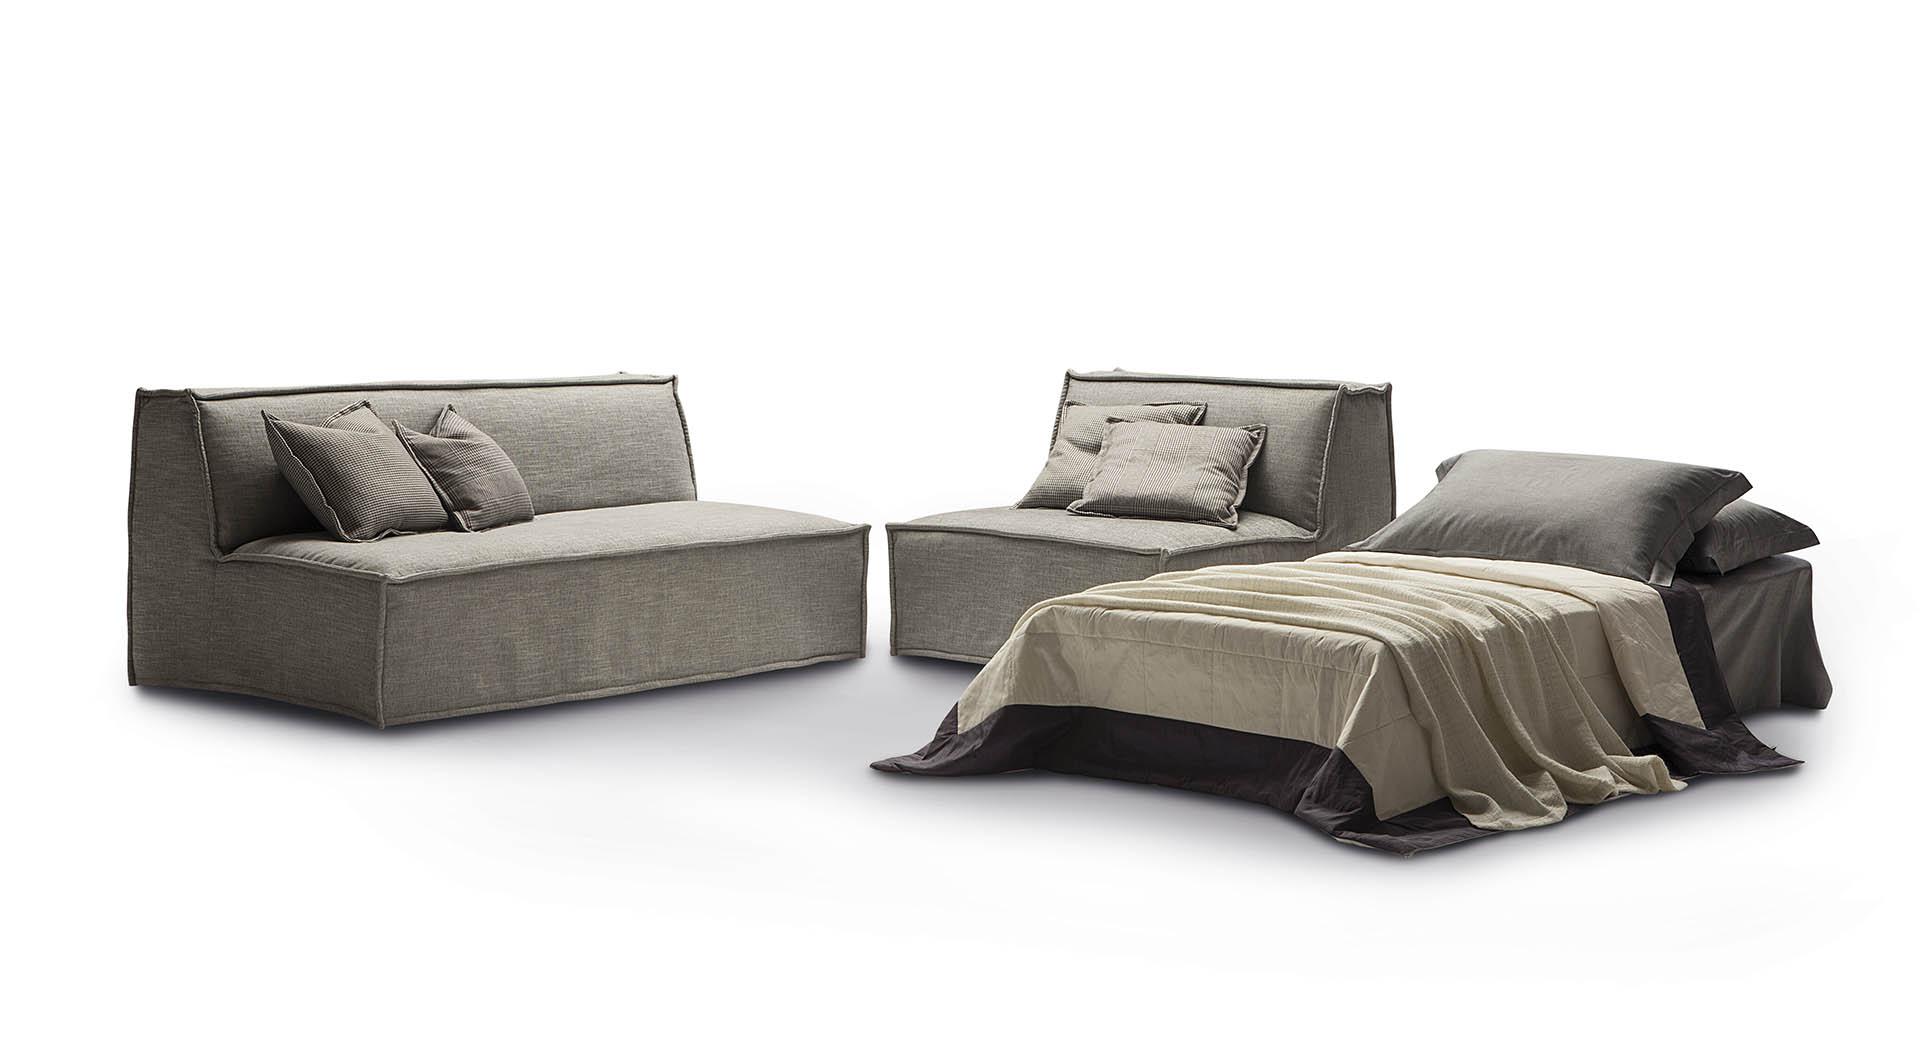 Milano bedding divano letto tommy for Milano bedding